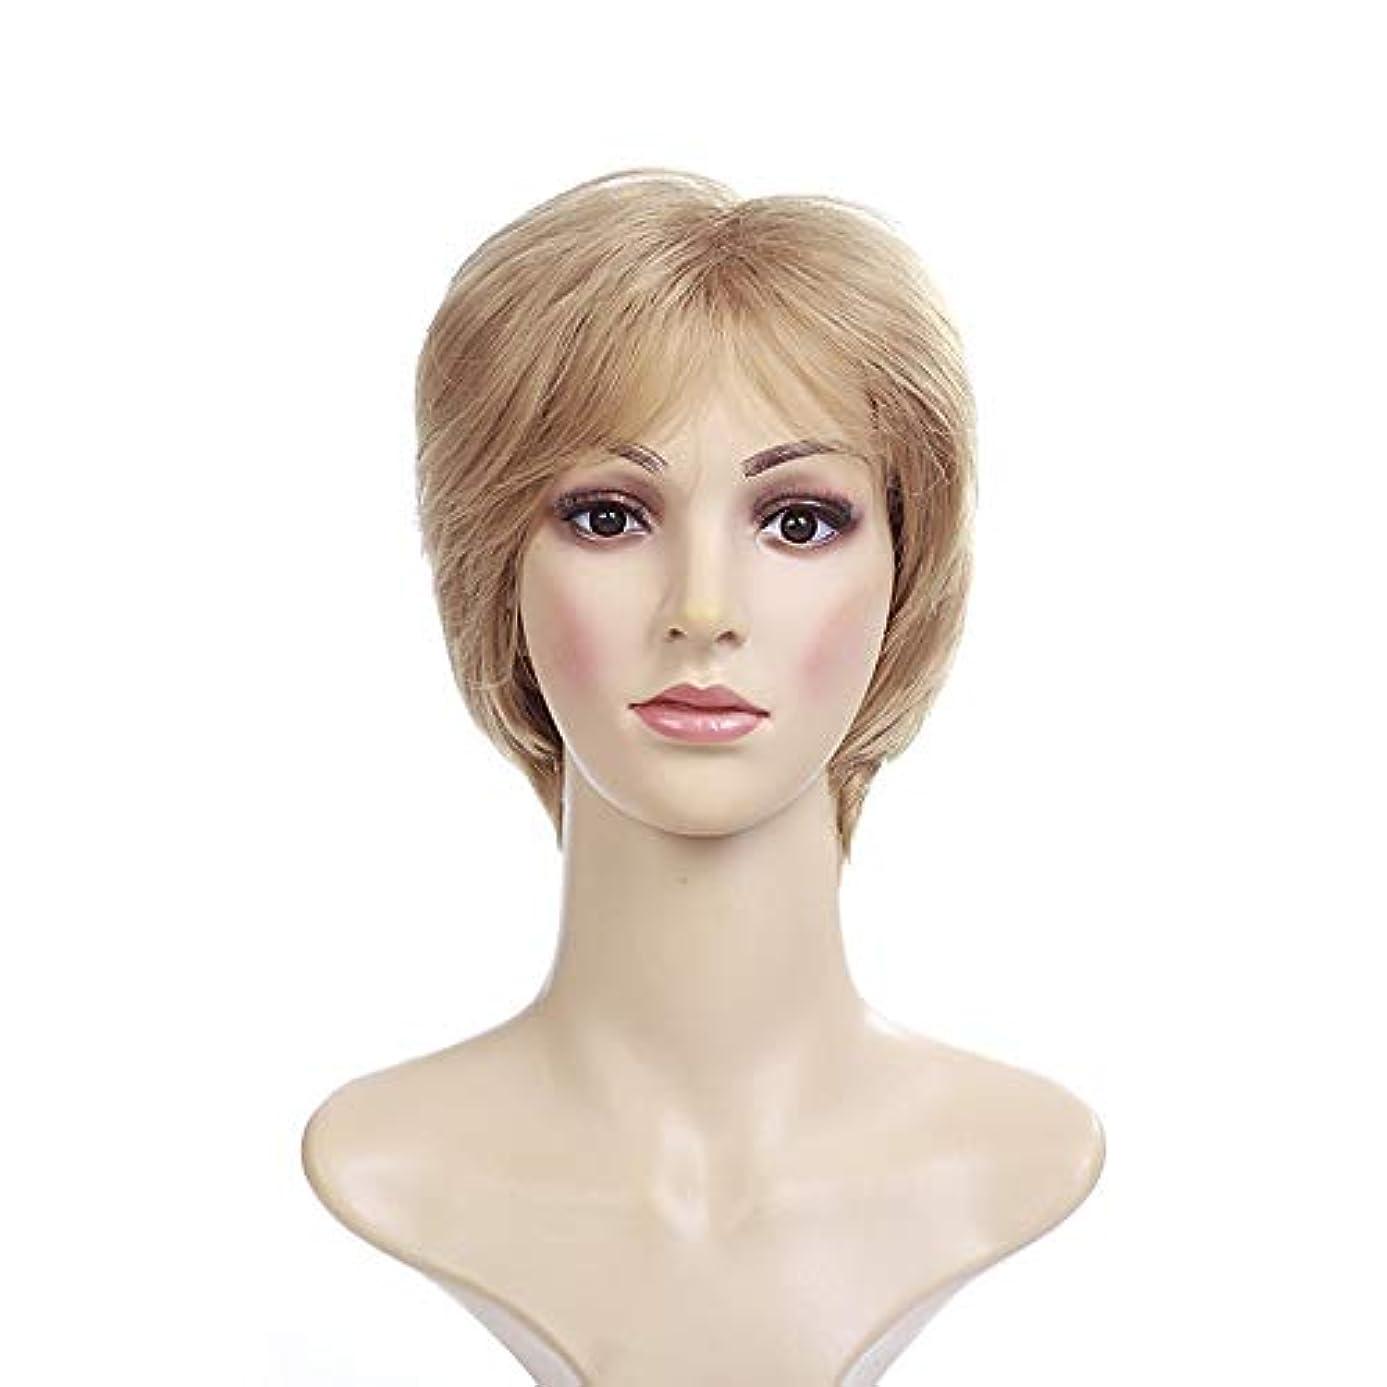 エンドテーブル検索エンジン最適化秀でるWASAIO 合成ショートストレートブロンドウィッグ (色 : Blonde)